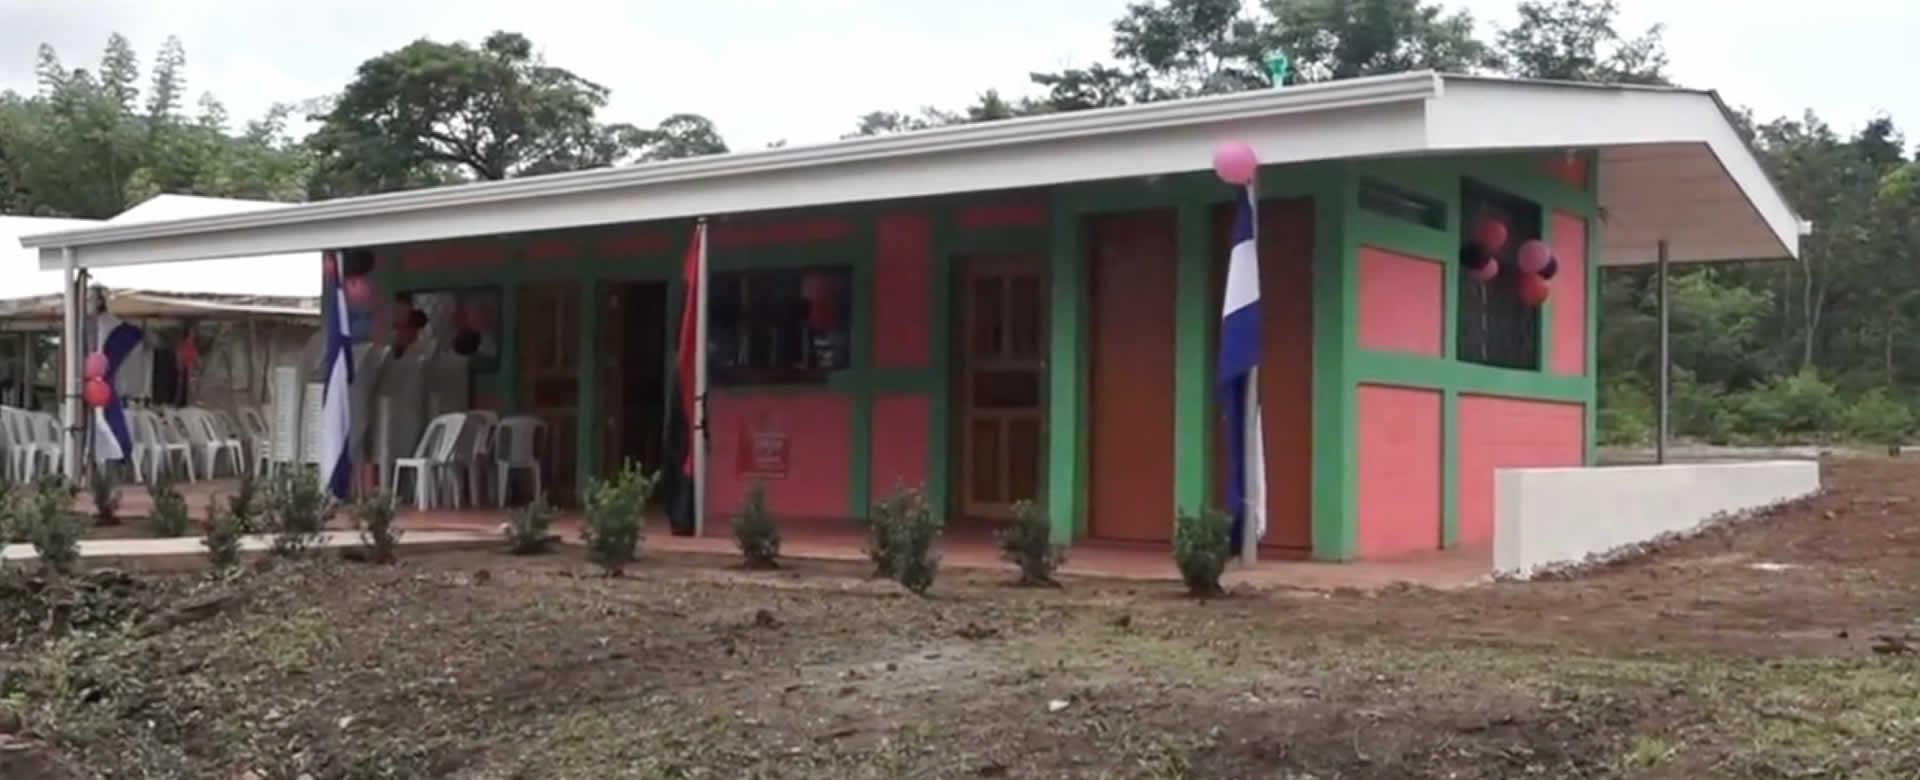 Inauguran centro de salud en san jer nimo municipio de san juan del sur - Centro de salud san juan ...